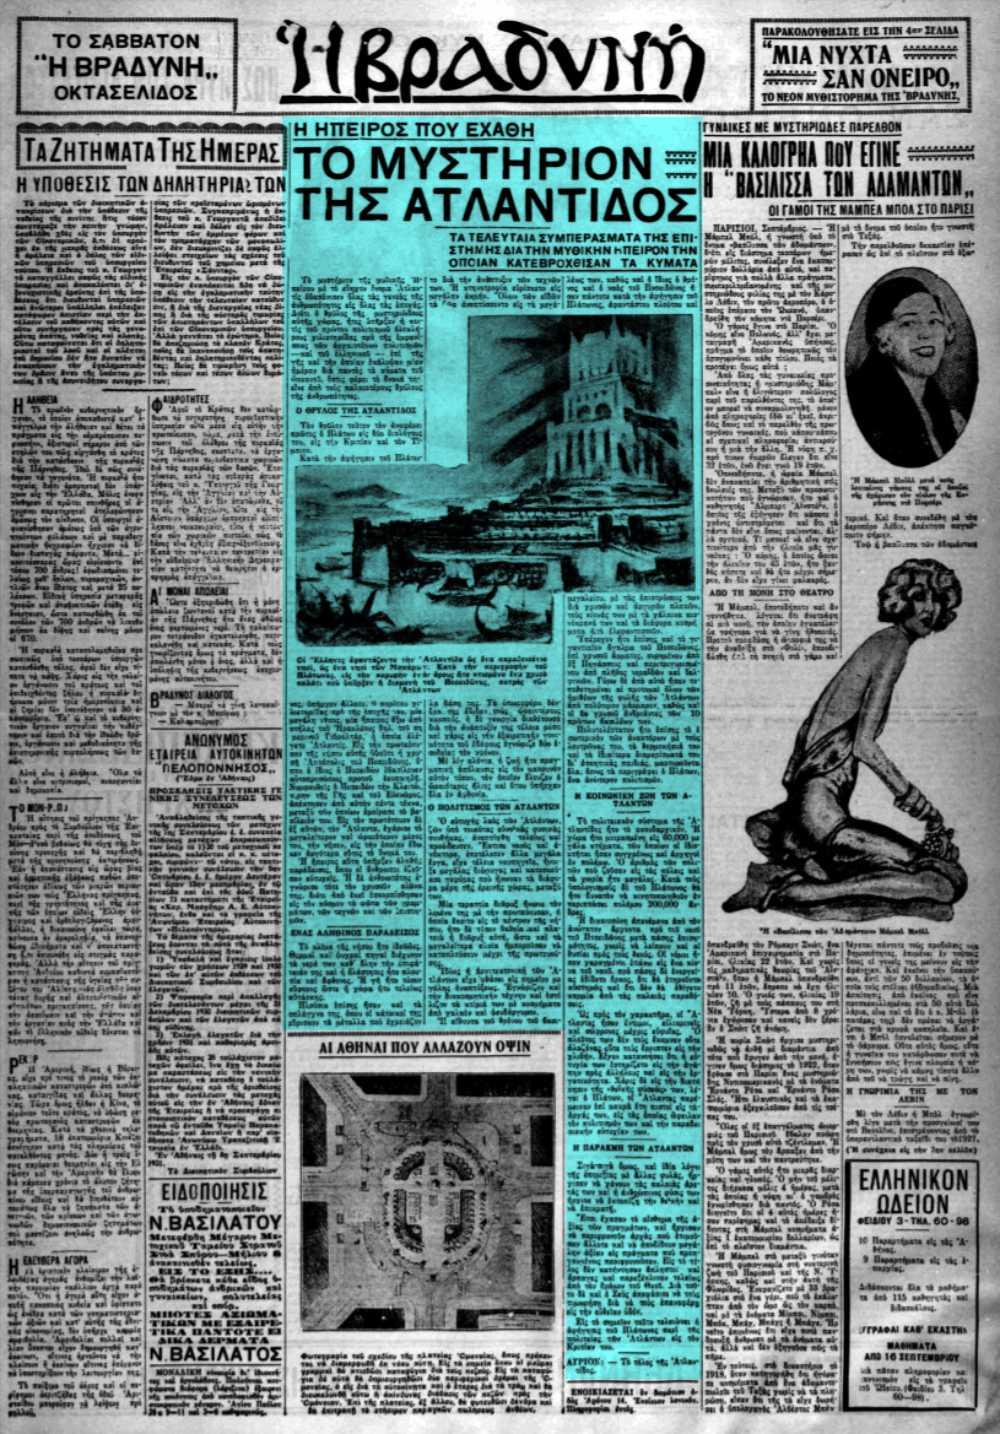 """Το άρθρο, όπως δημοσιεύθηκε στην εφημερίδα """"Η ΒΡΑΔΥΝΗ"""", στις 10/09/1931"""